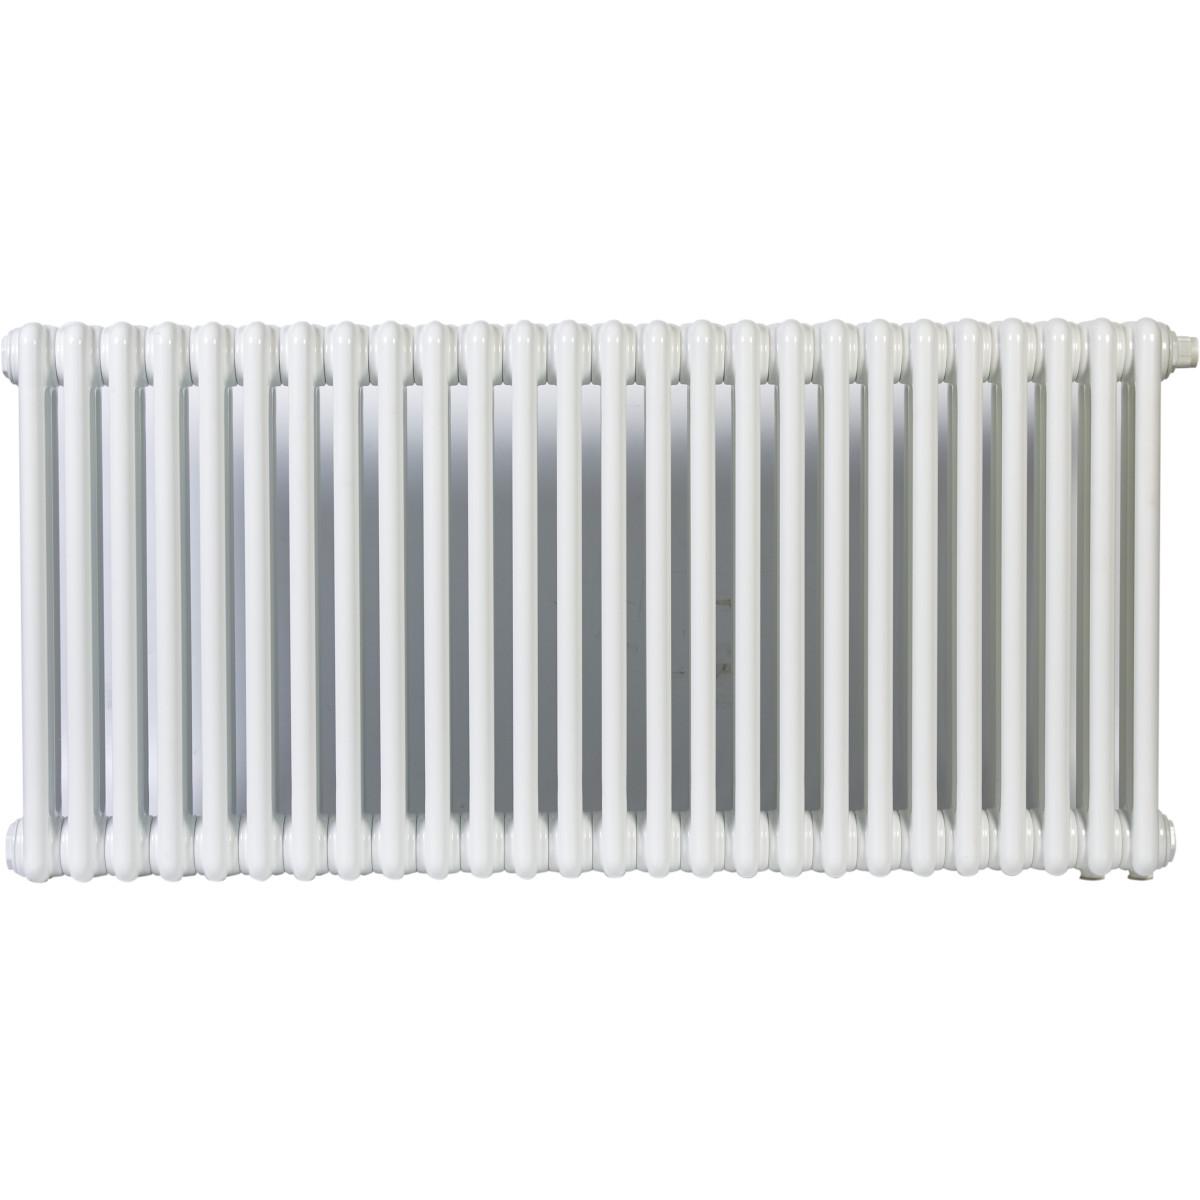 Радиатор стальной Irsap Tesi 30565 26 секций нижнее подключение белый